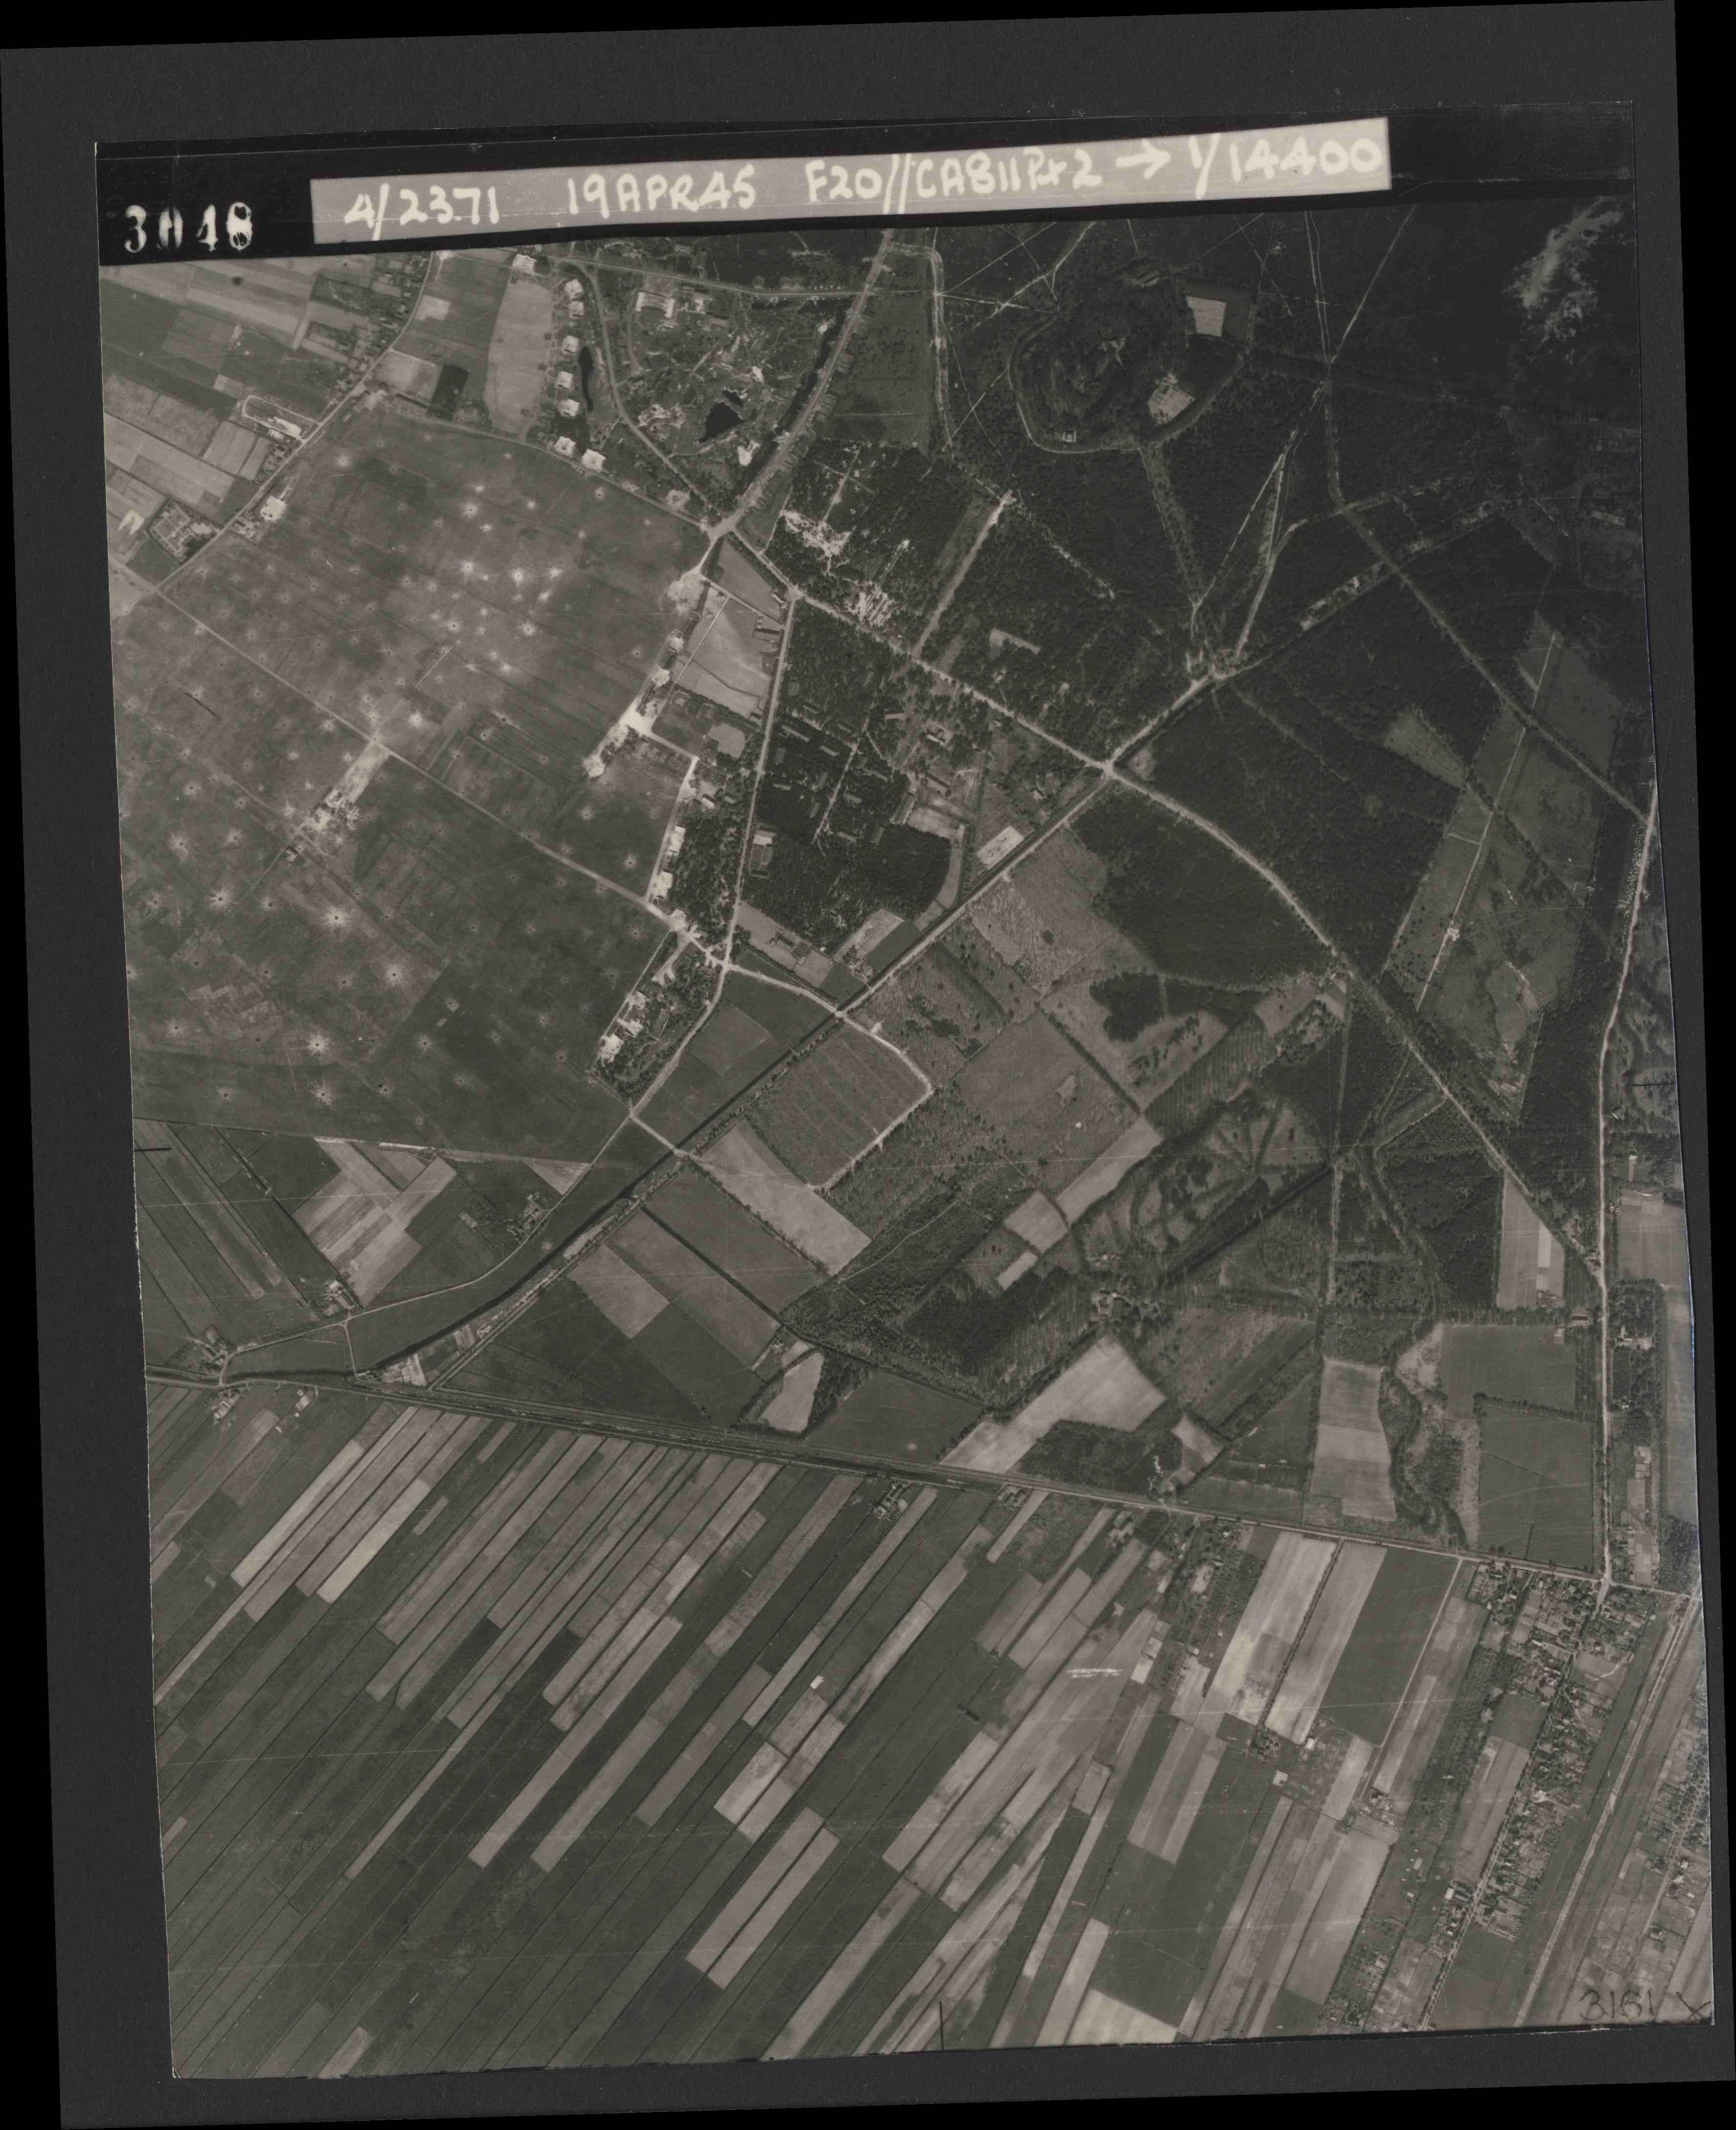 Collection RAF aerial photos 1940-1945 - flight 305, run 03, photo 3048